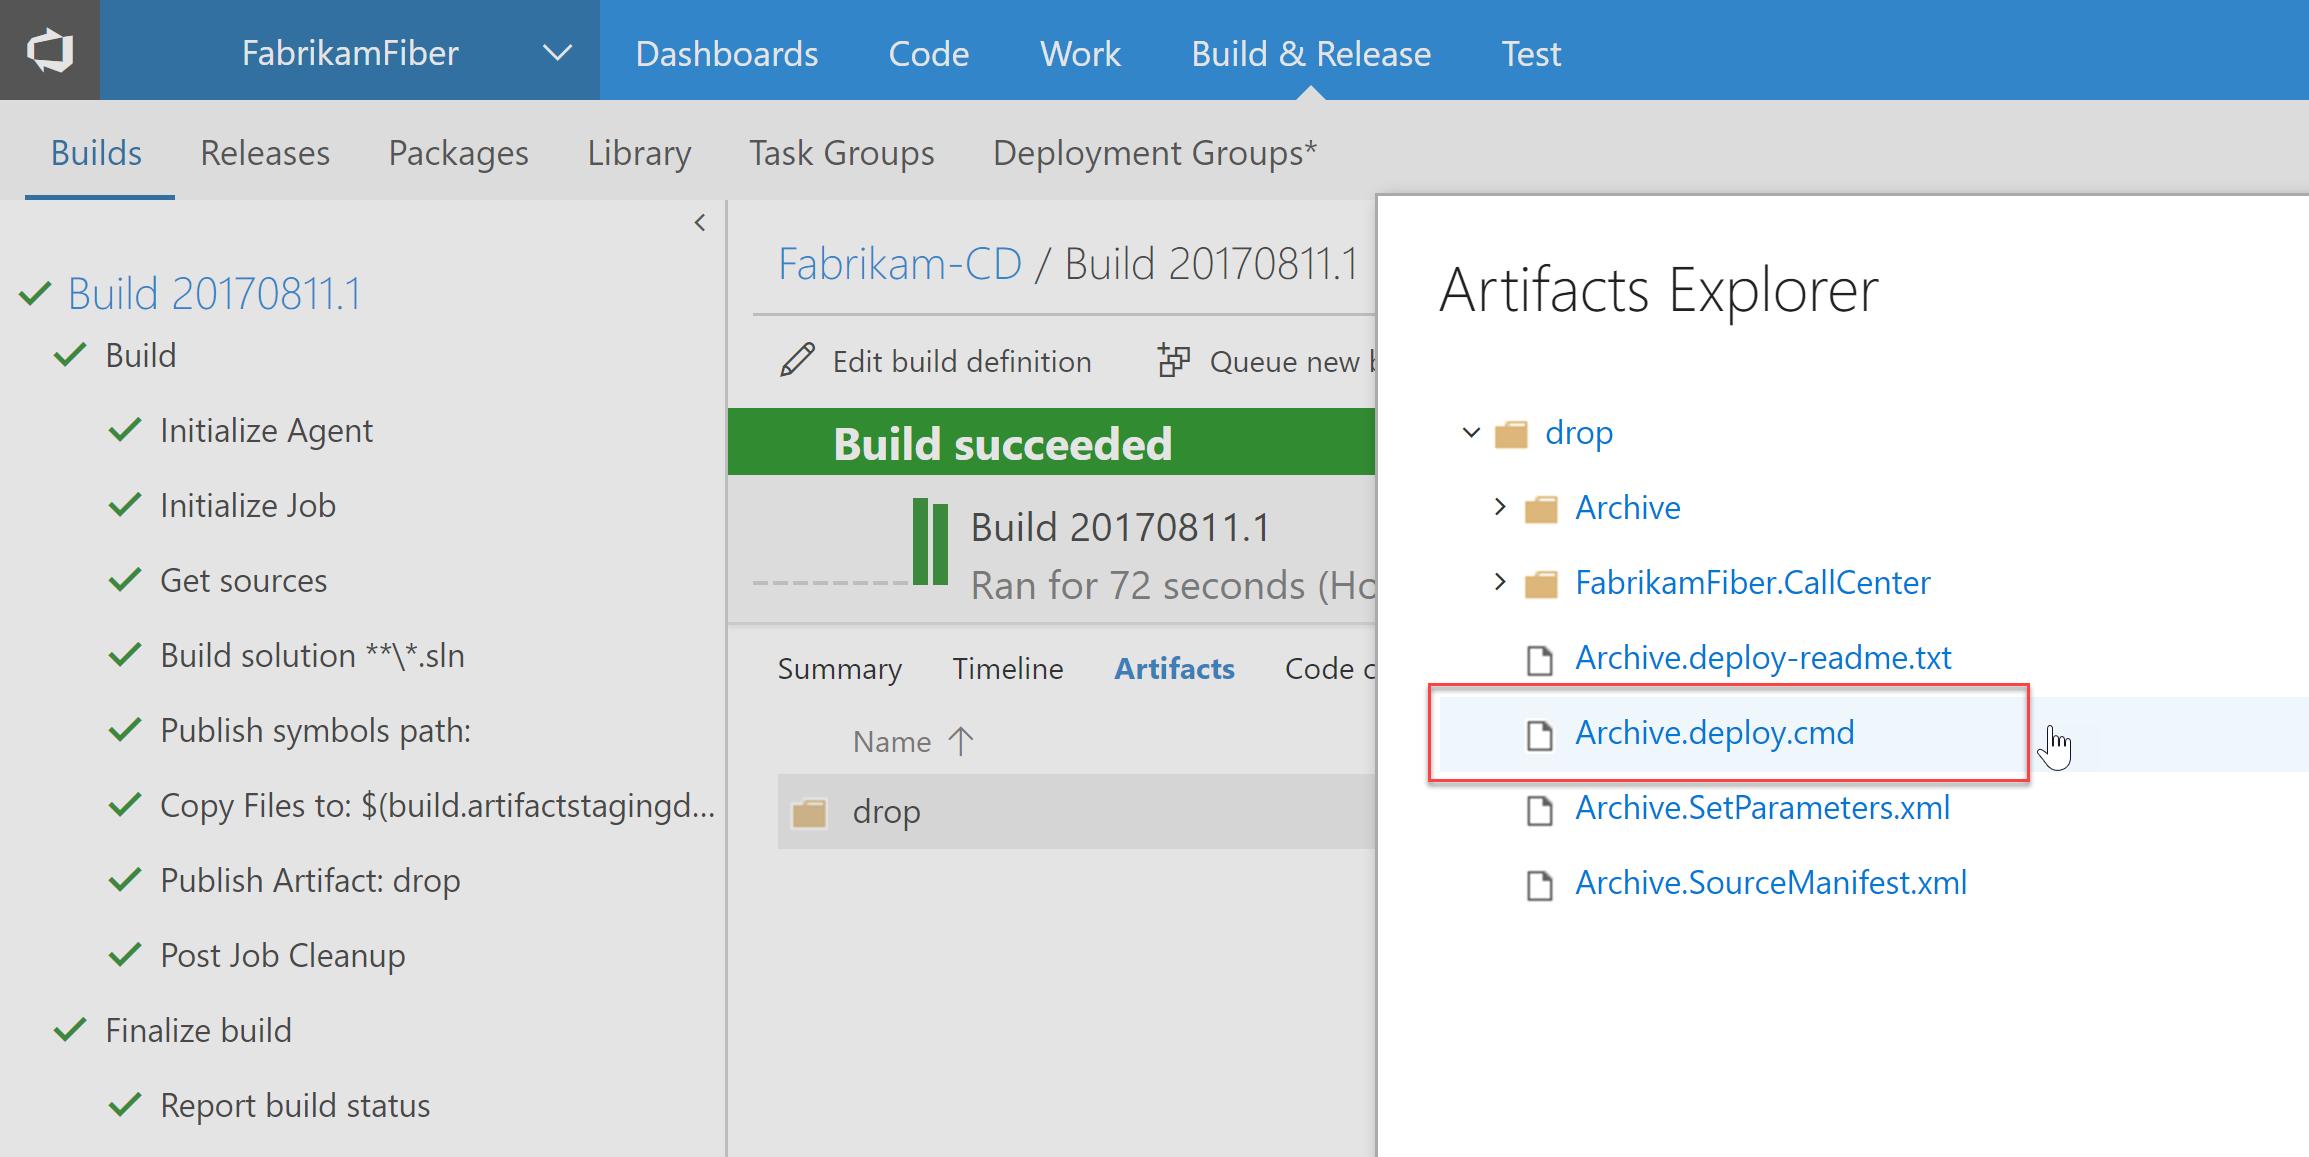 """Build de uma aplicação ASP.NET, com os arquivos de publicação do Web Deploy (em destaque, o script de implantação com a extensão """".deploy.cmd"""", gerado automaticamente)"""